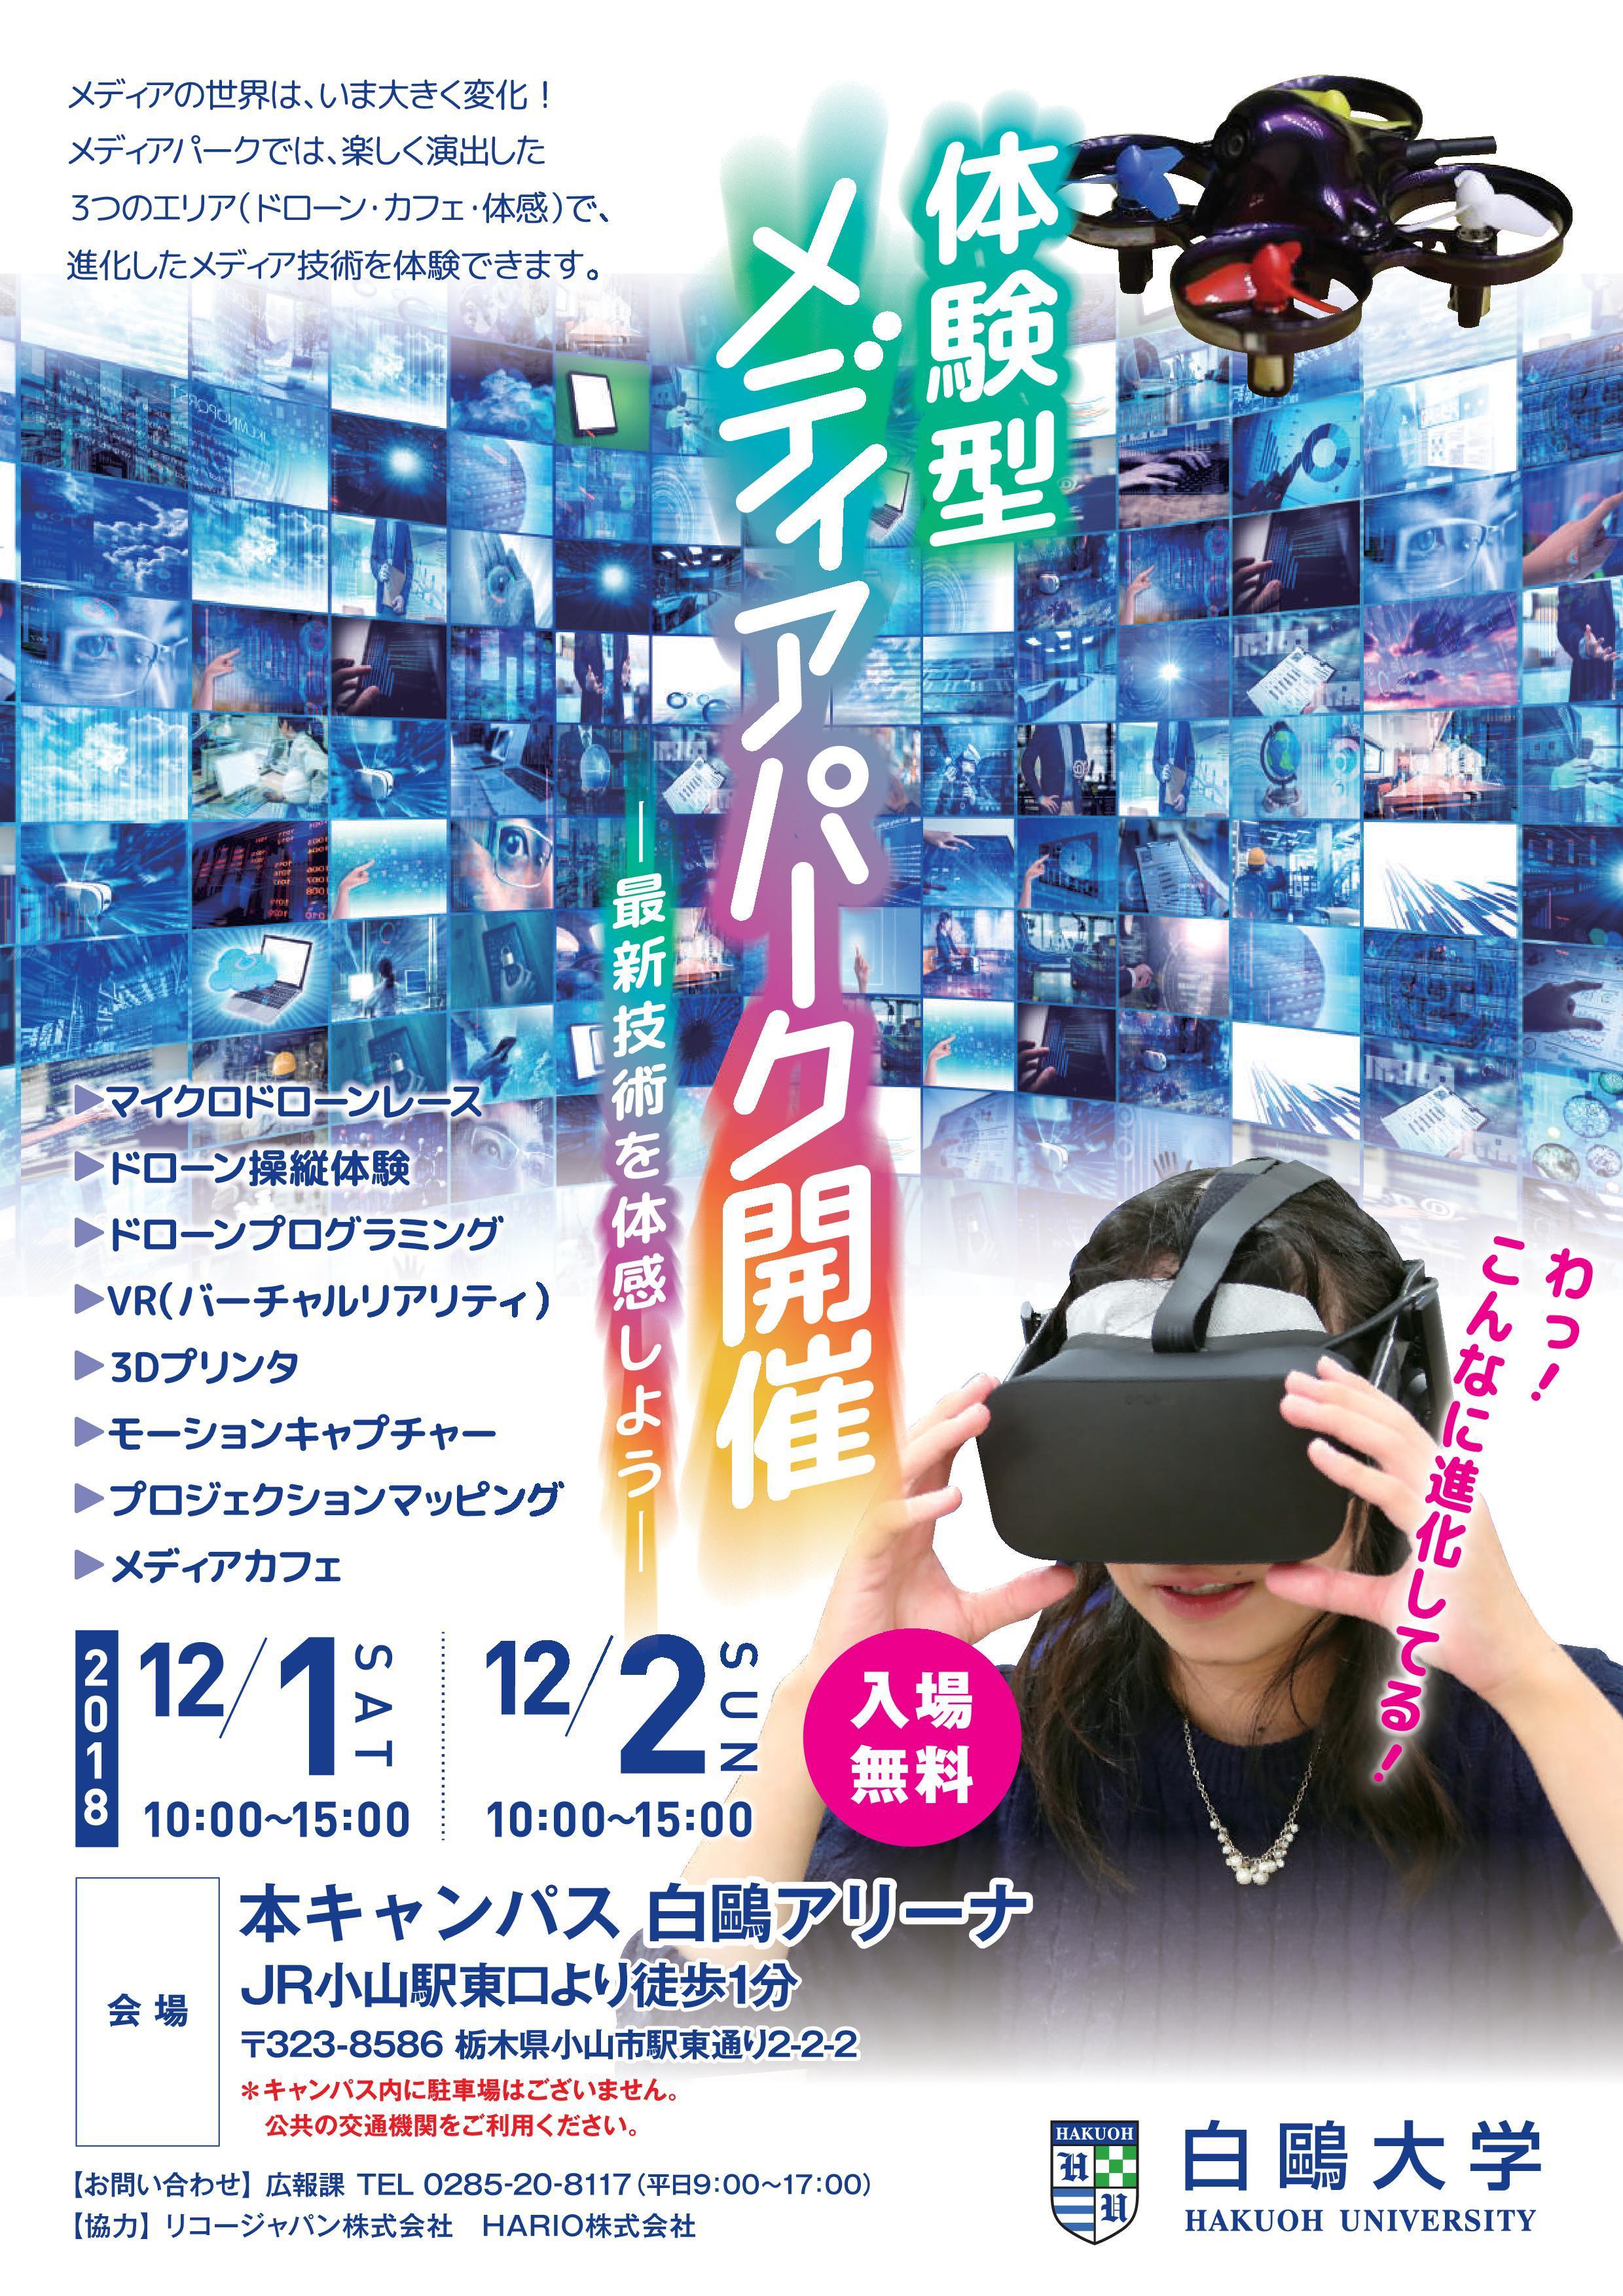 白鴎大学が12月1日・2日に「メディアパーク」を開催 -- ドローンやVRなど最新の技術を体験